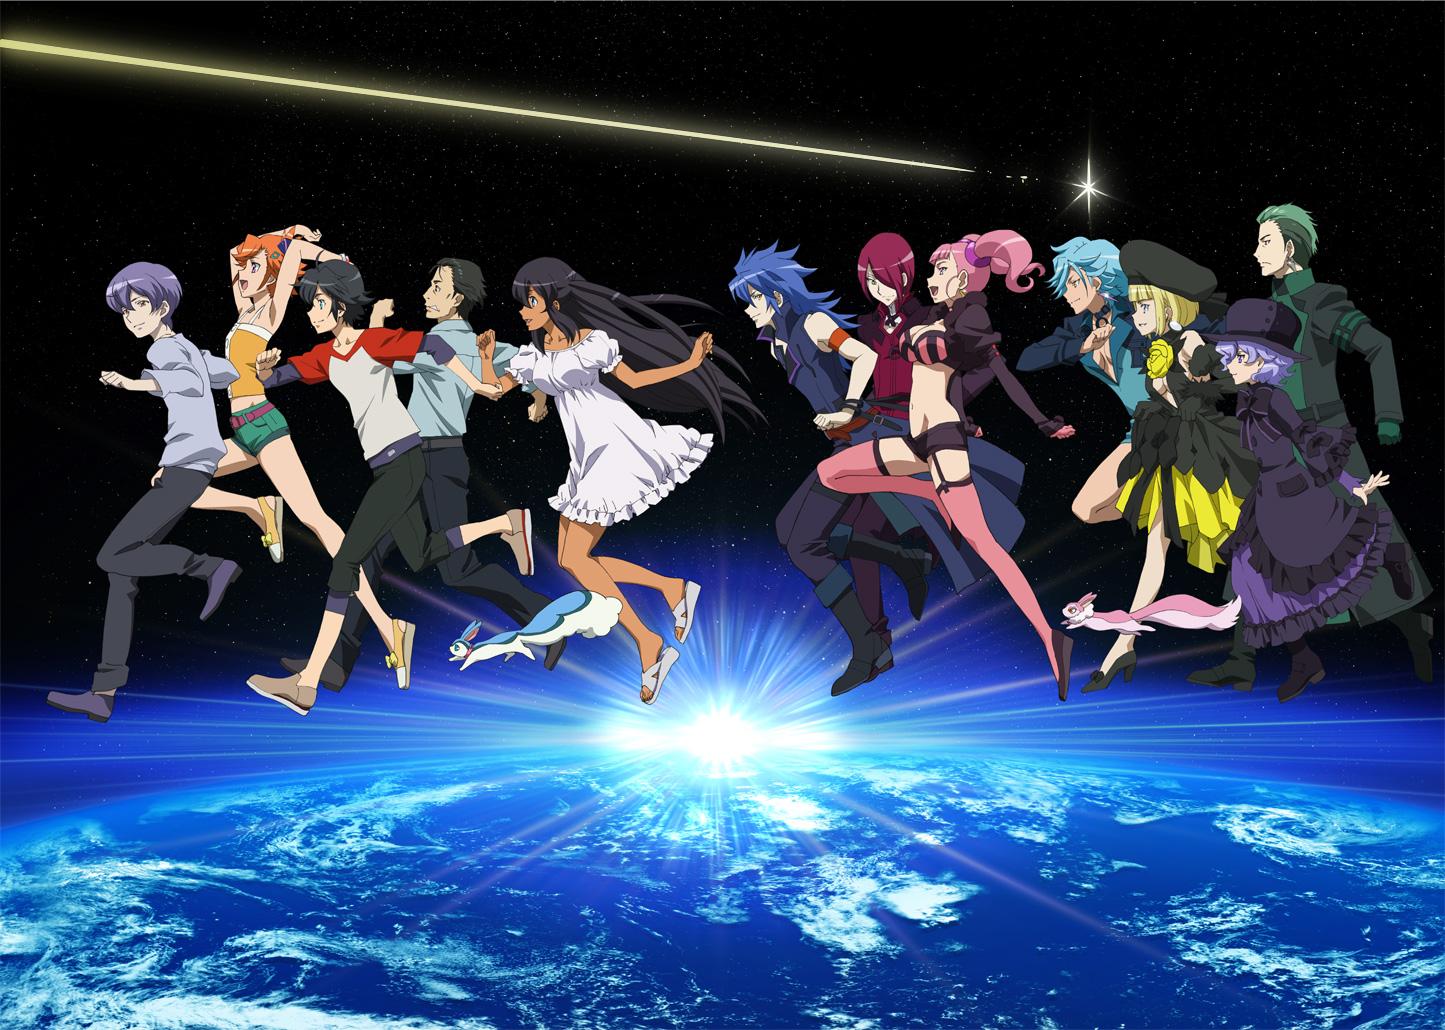 anime_wallpaper_Captain_Earth_177381919.jpg